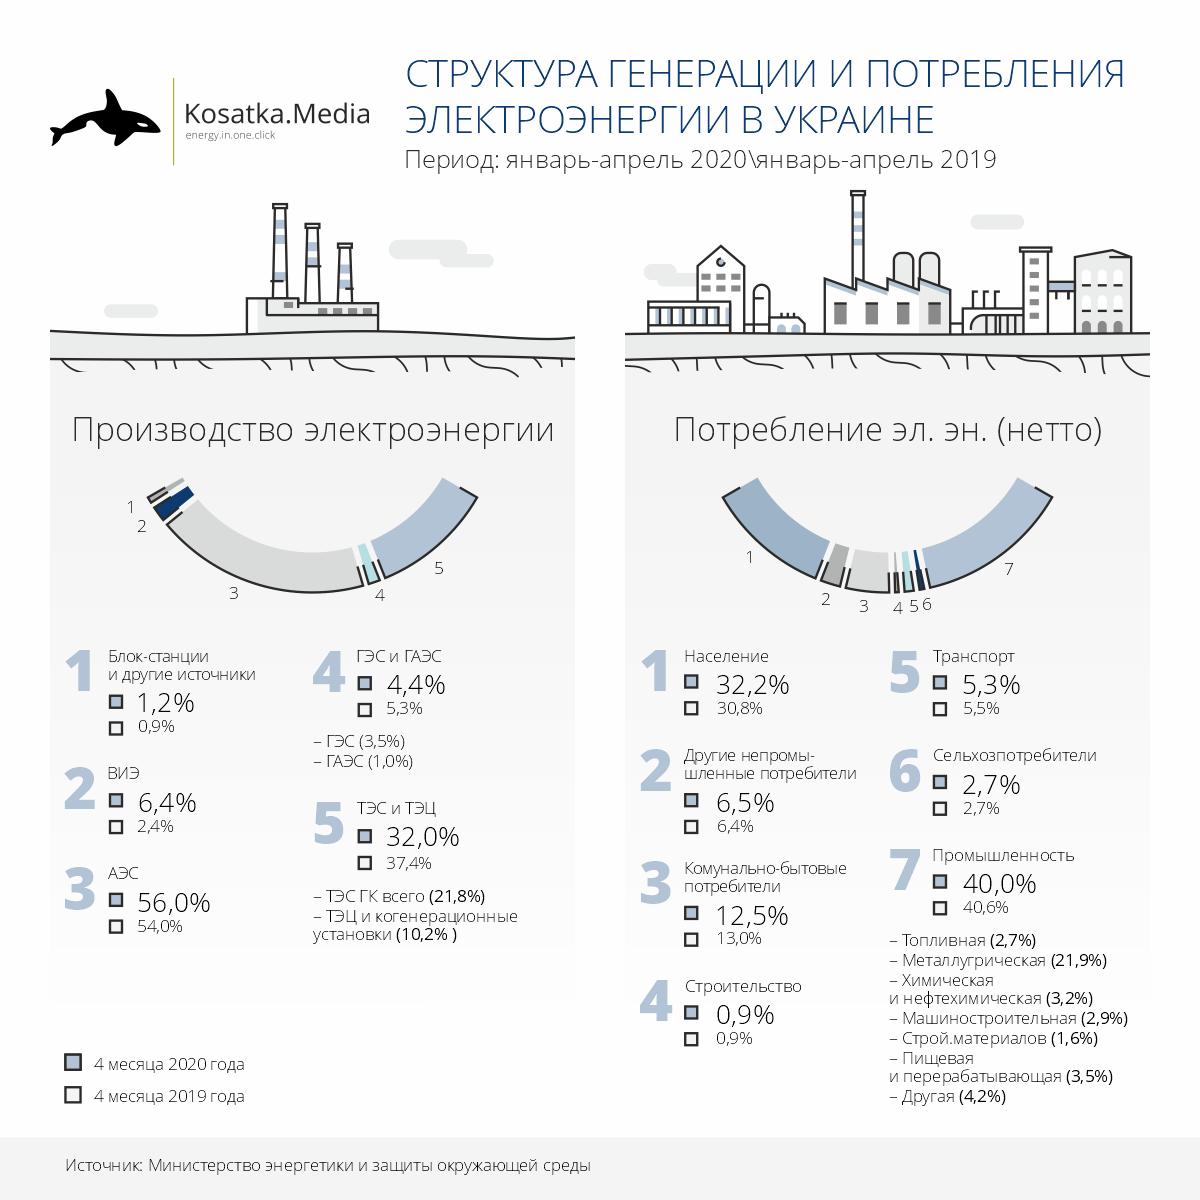 Структура генерации и потребления электроэнергии за 4 месяца 2020